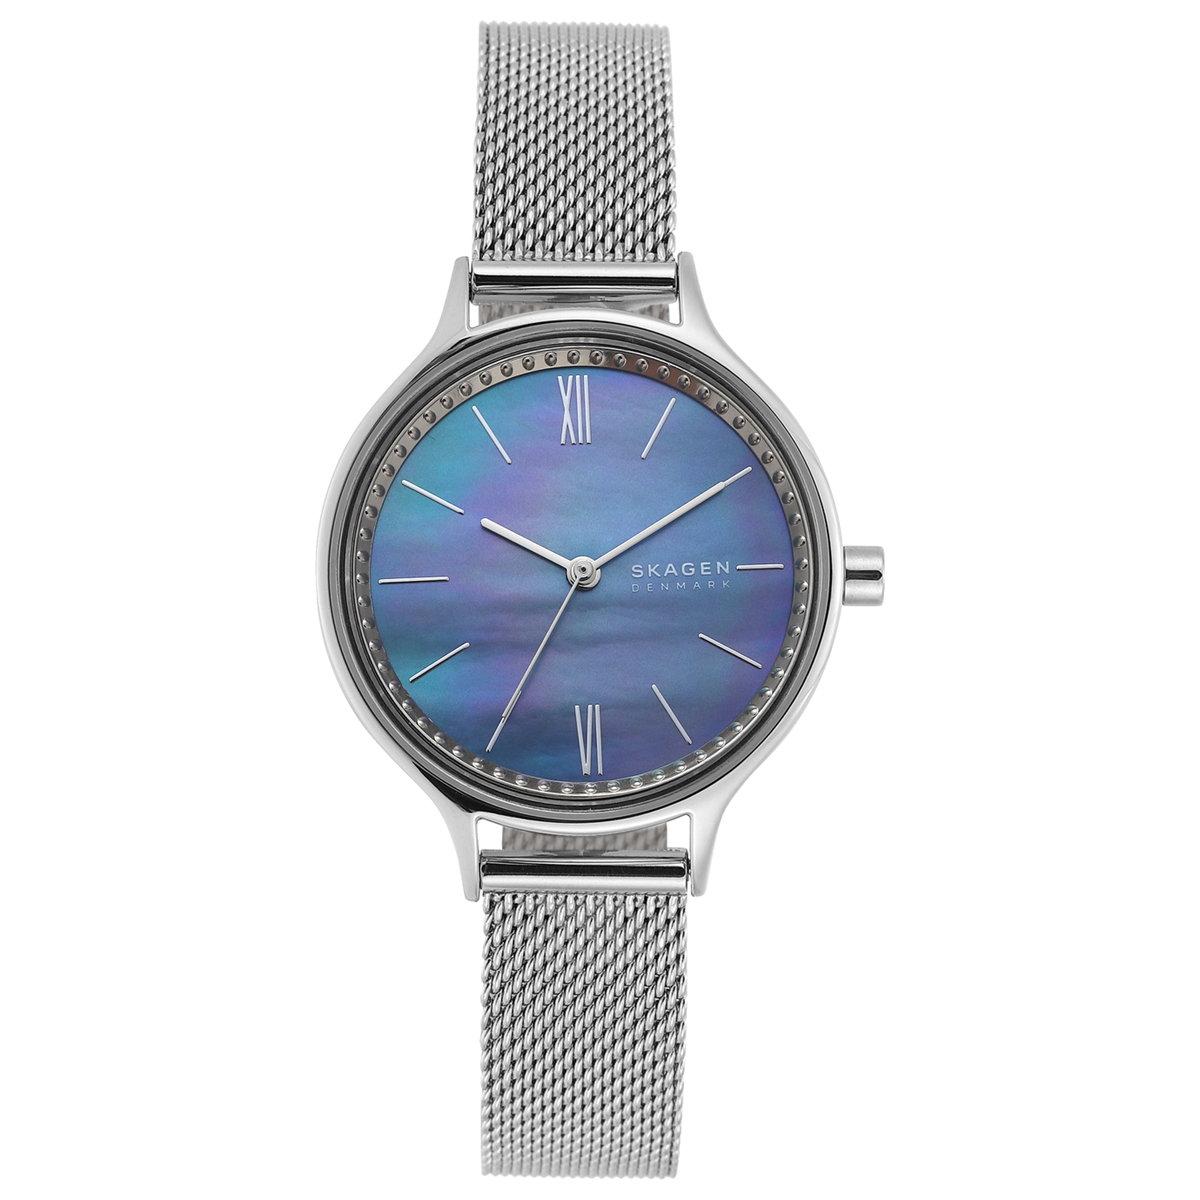 スカーゲン SKAGEN 腕時計 レディース アニータ ANITA SKW2862